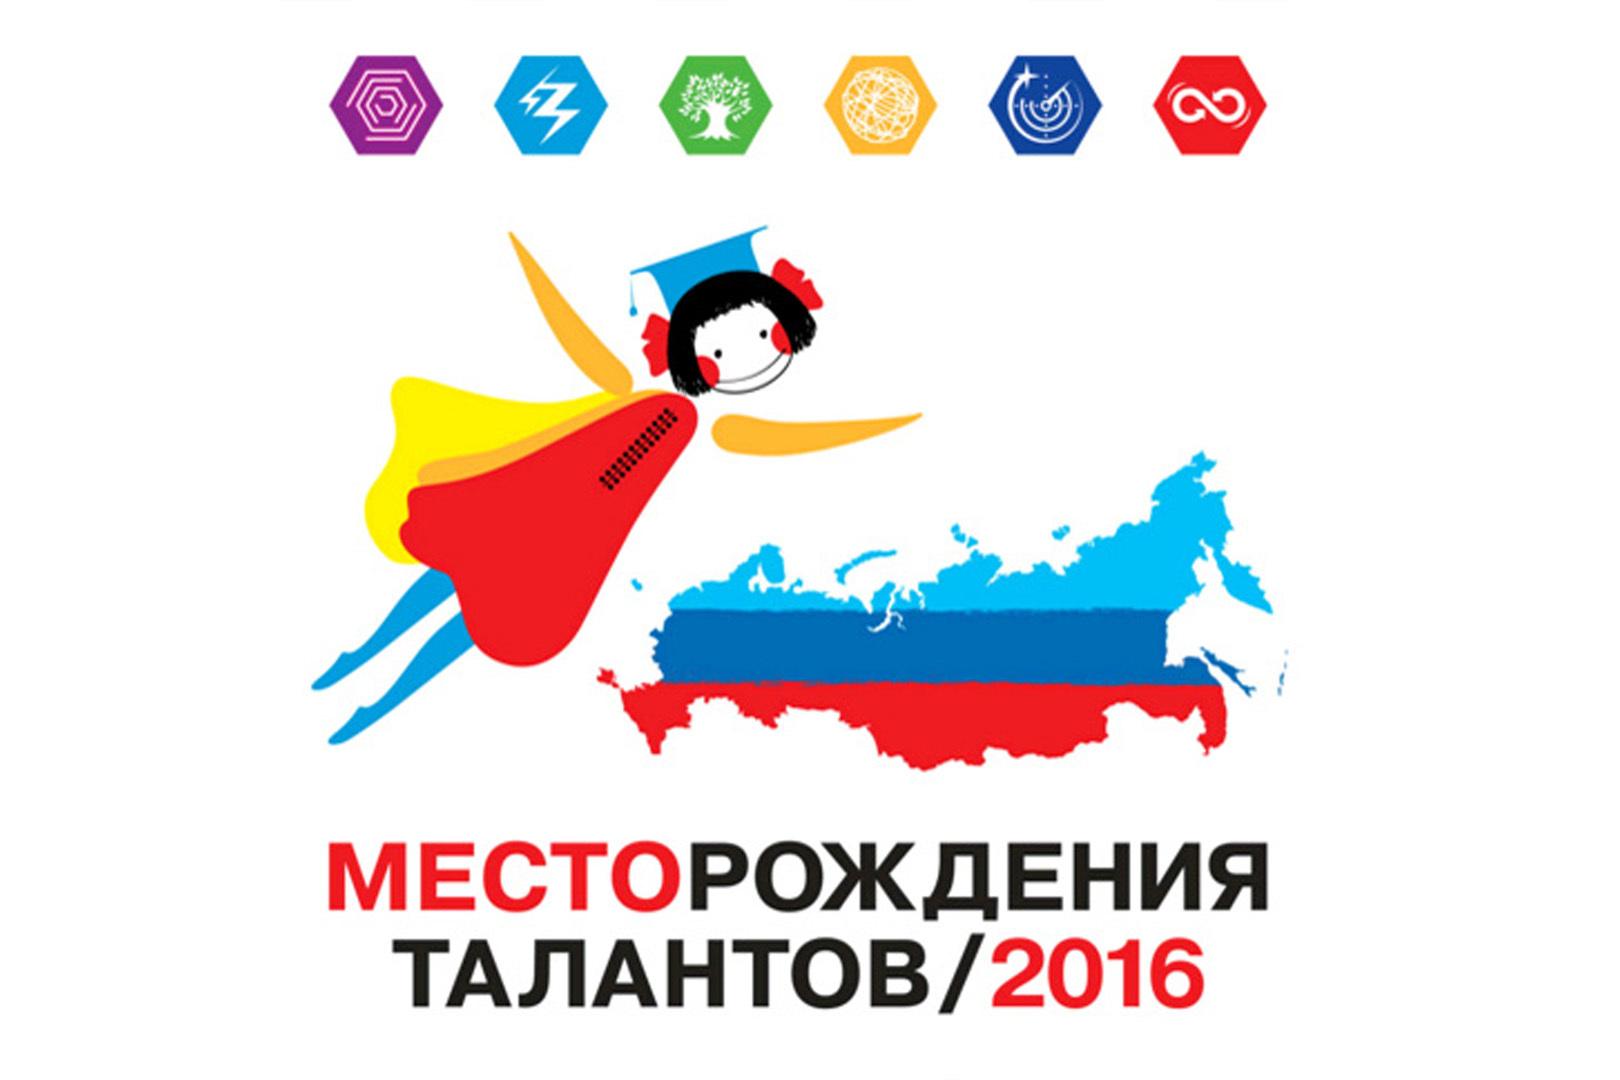 Школьницы из Омской области встретились с Валентиной Терешковой и Министром образования РФ